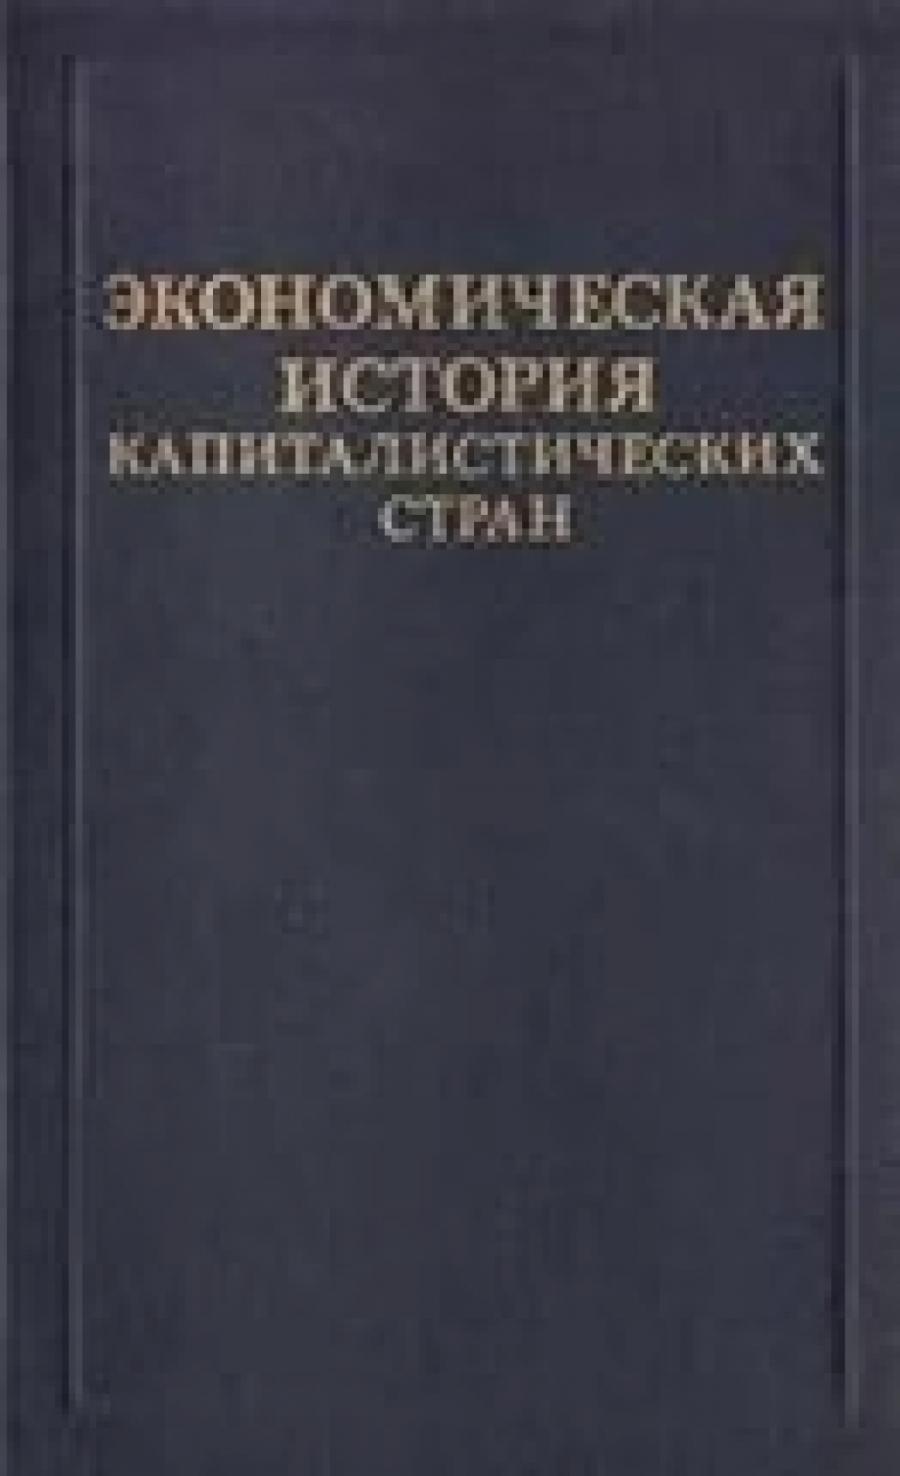 Обложка книги:  чунтулов в.т, сарычев в.г. - экономическая история капиталистических стран